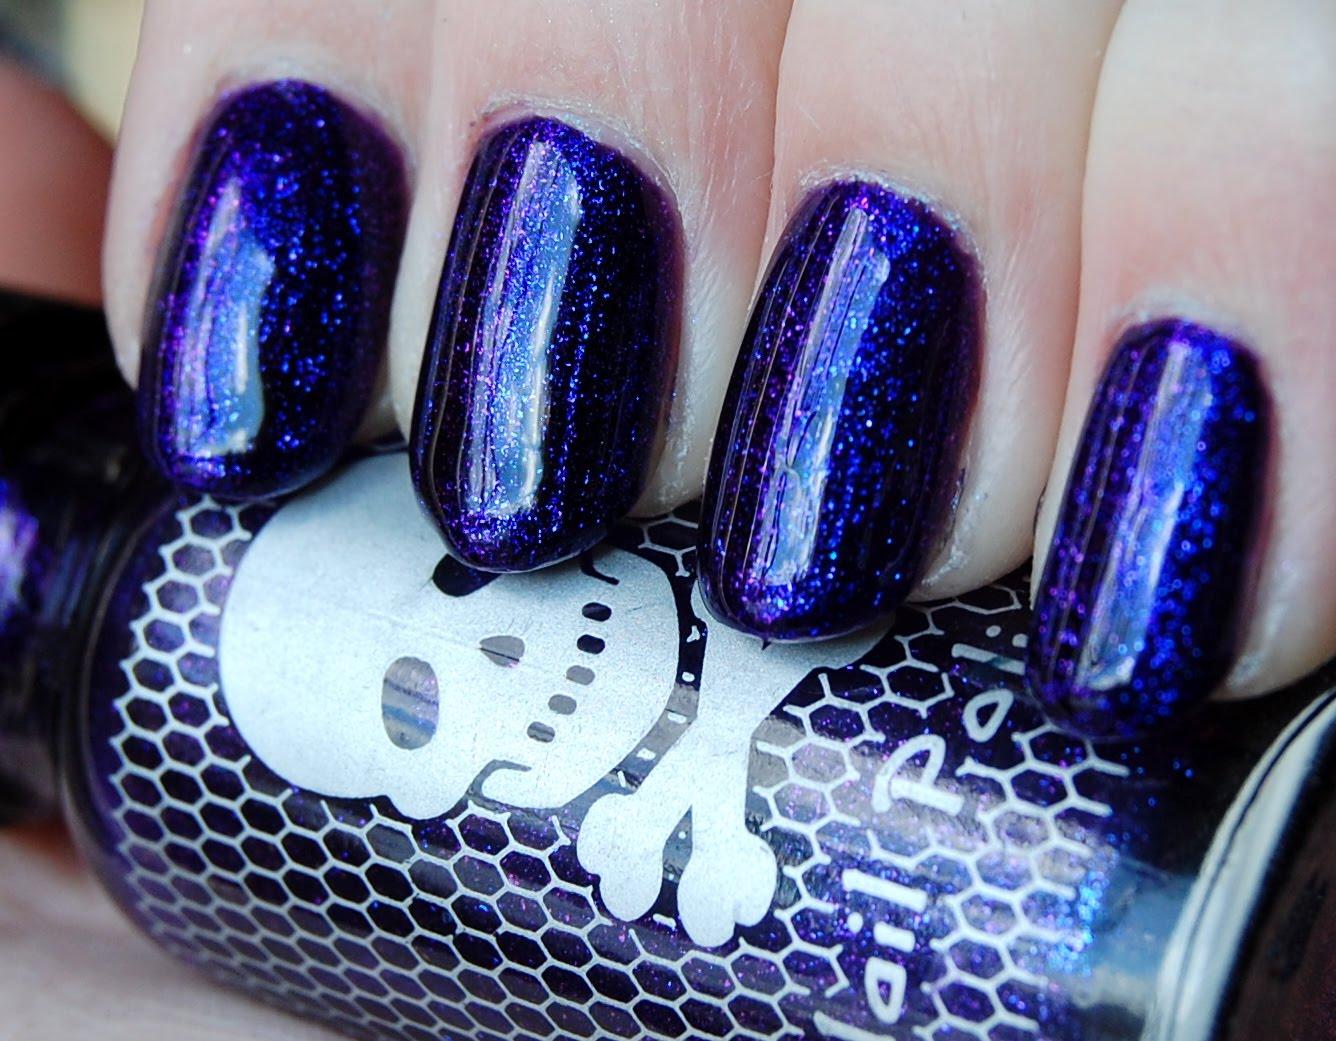 The Nailtress: NOTD: Hot Topic Purple Iridescent Nail Polish